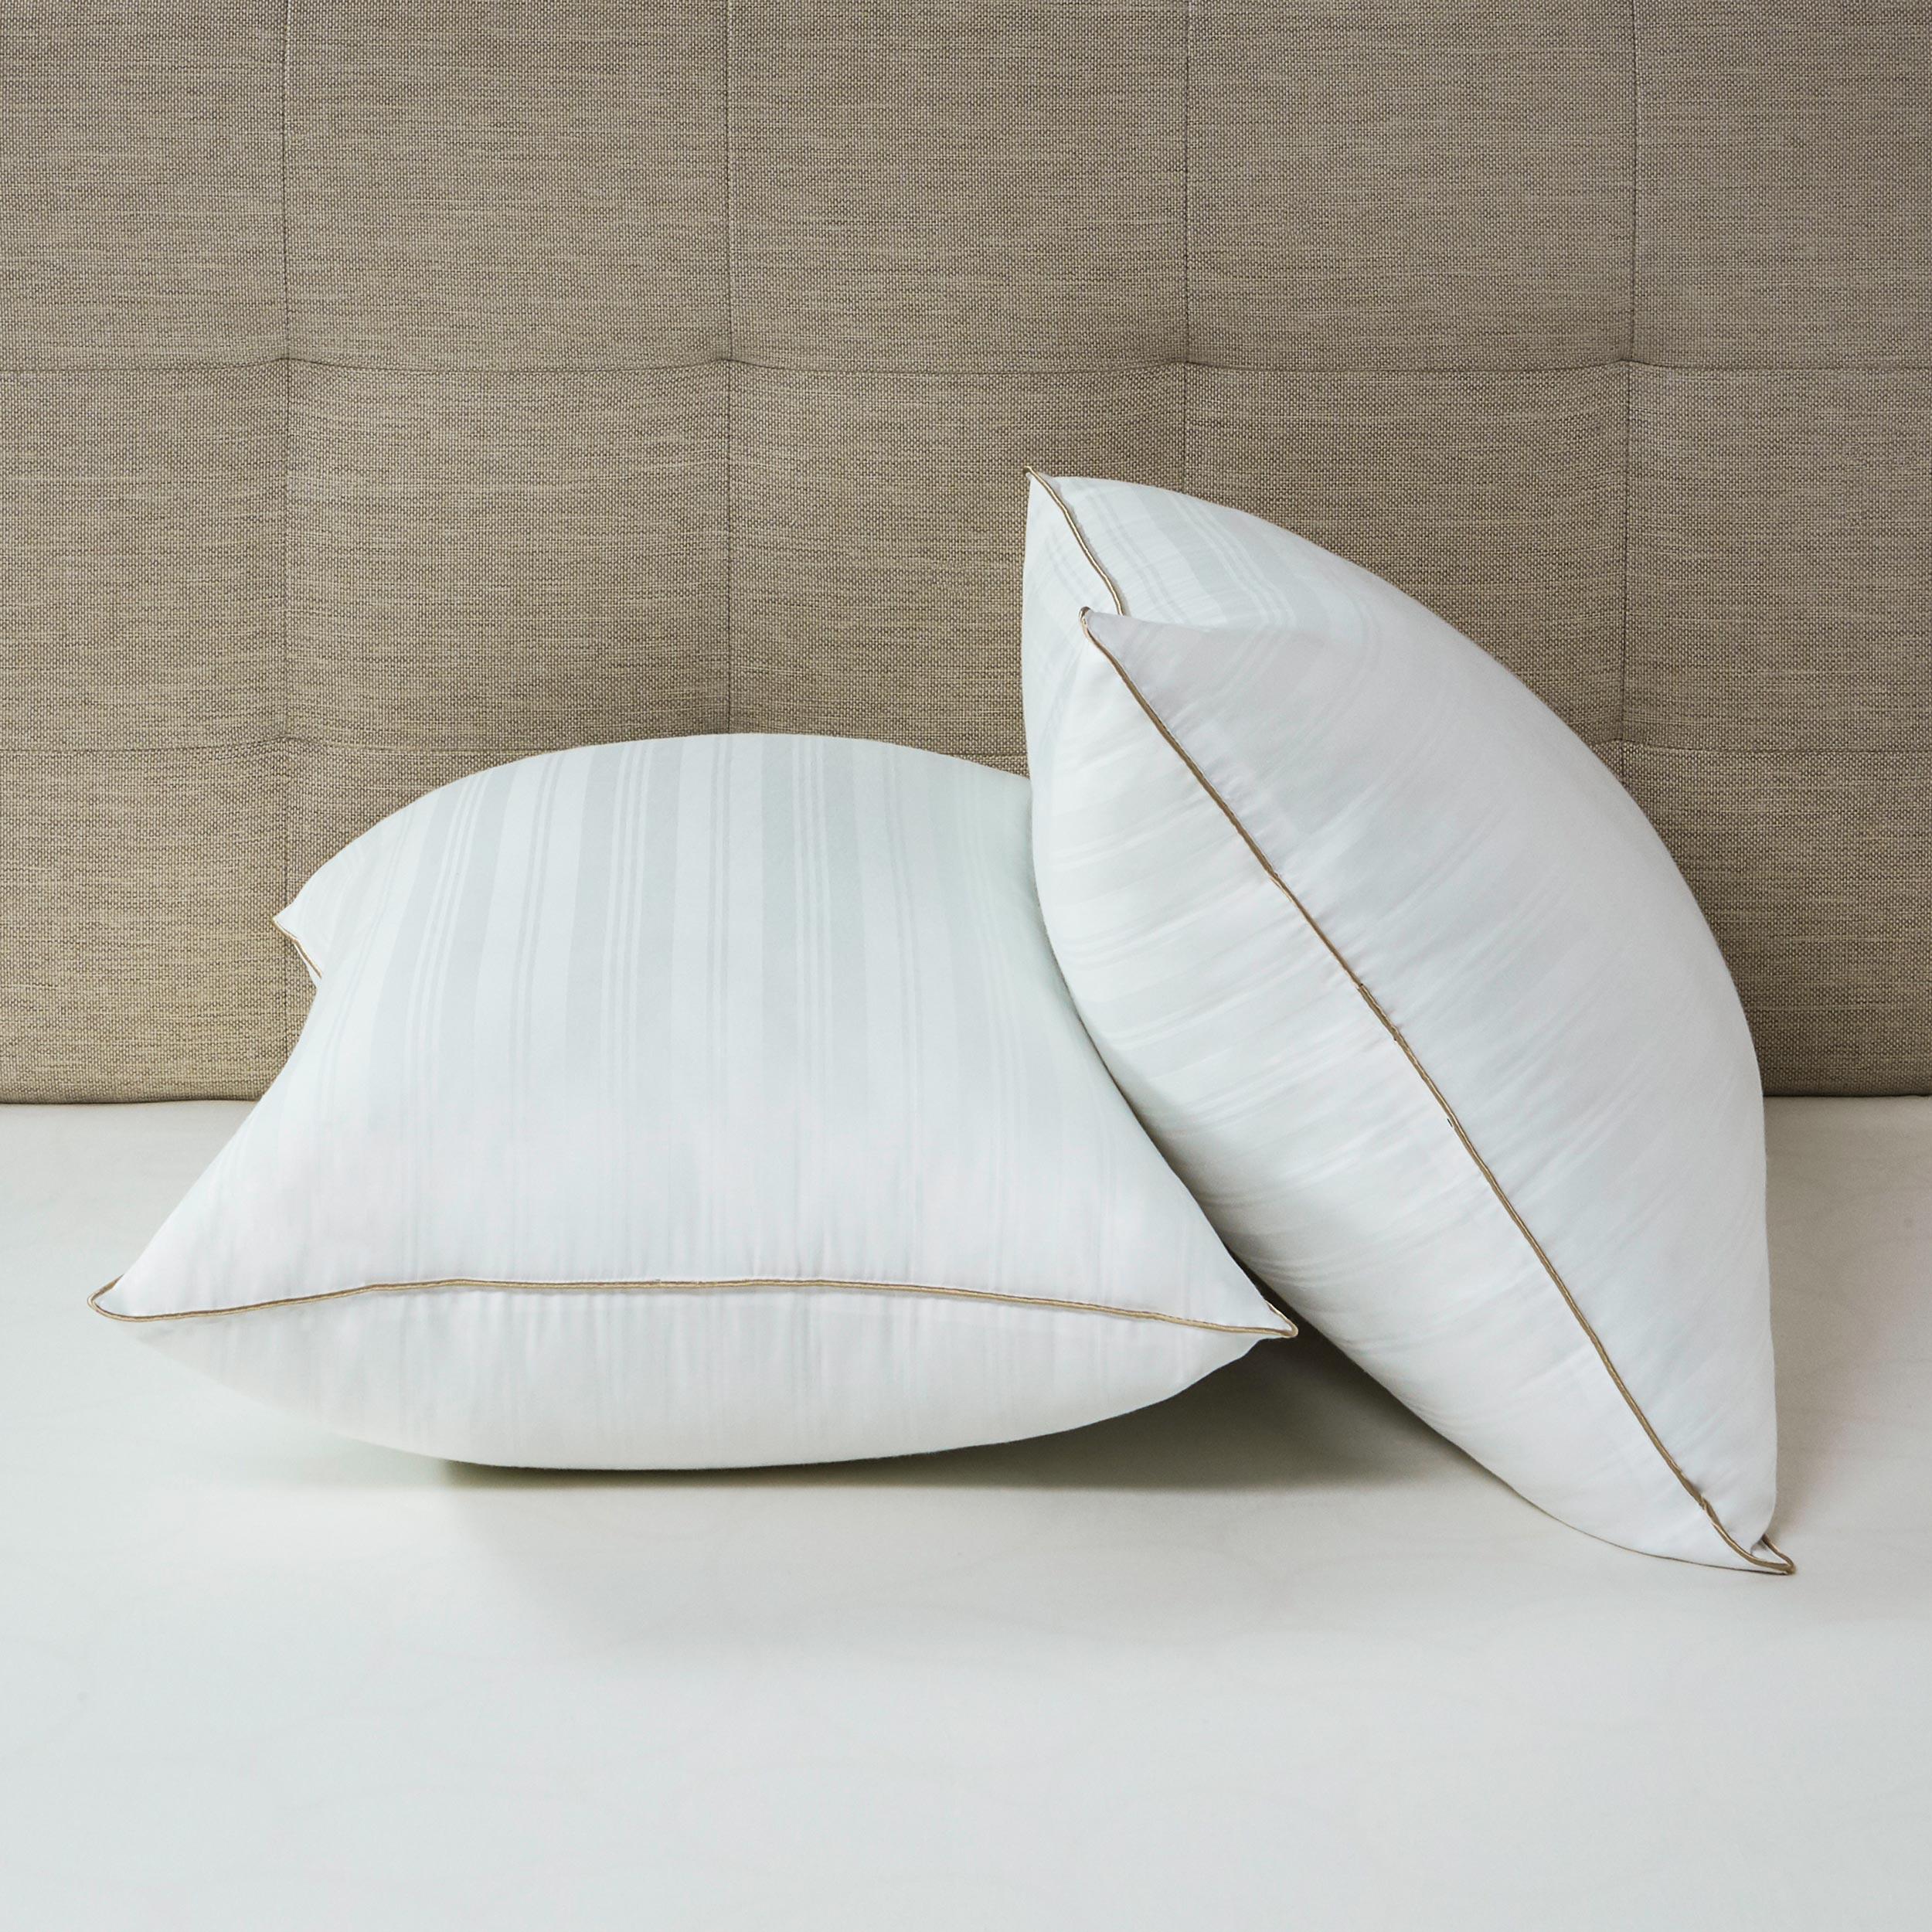 Beautyrest 174 Down Alternative Pillow 2 Pack Great Sleep